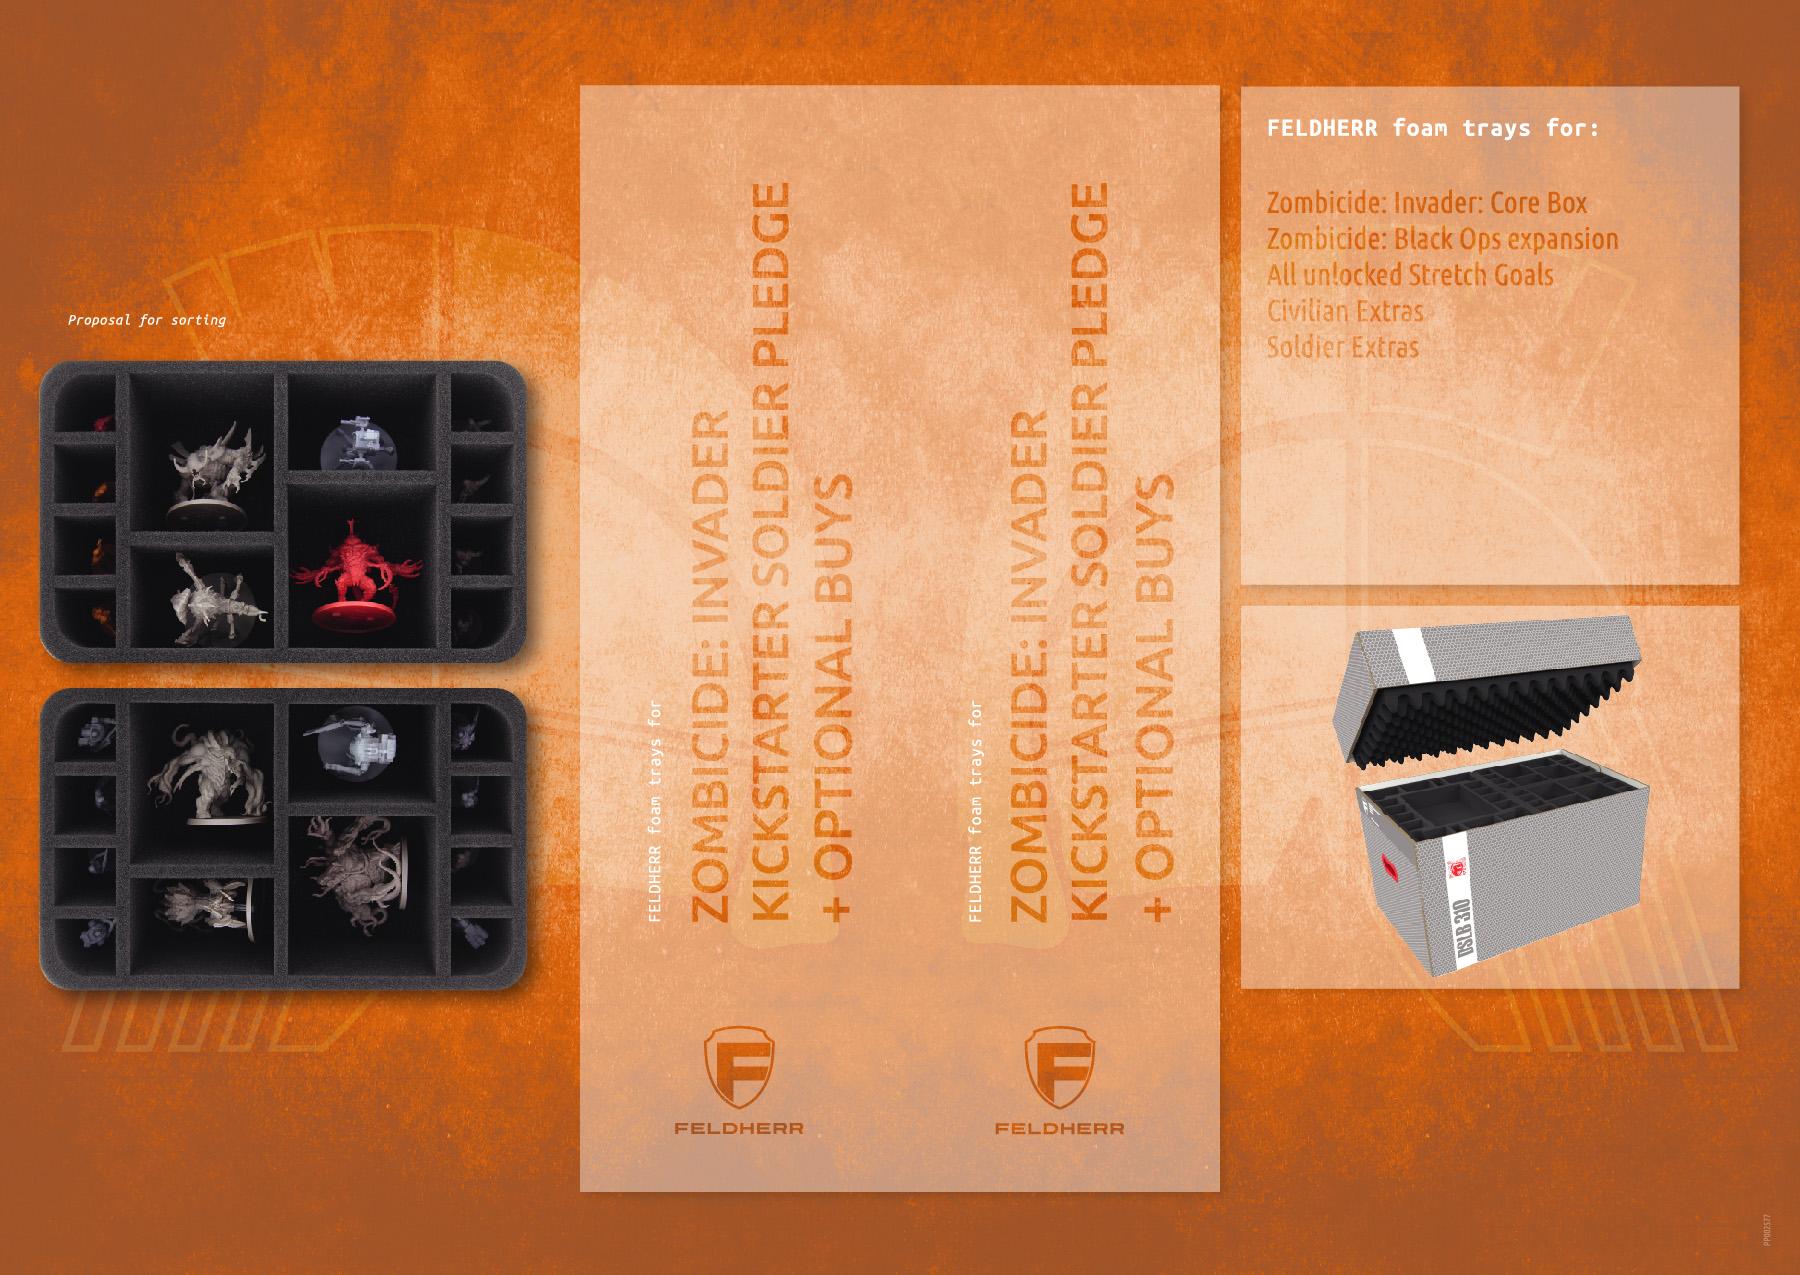 PP002577 - Flyer for Zombicide: Invader Kickstarter Soldier Pledge